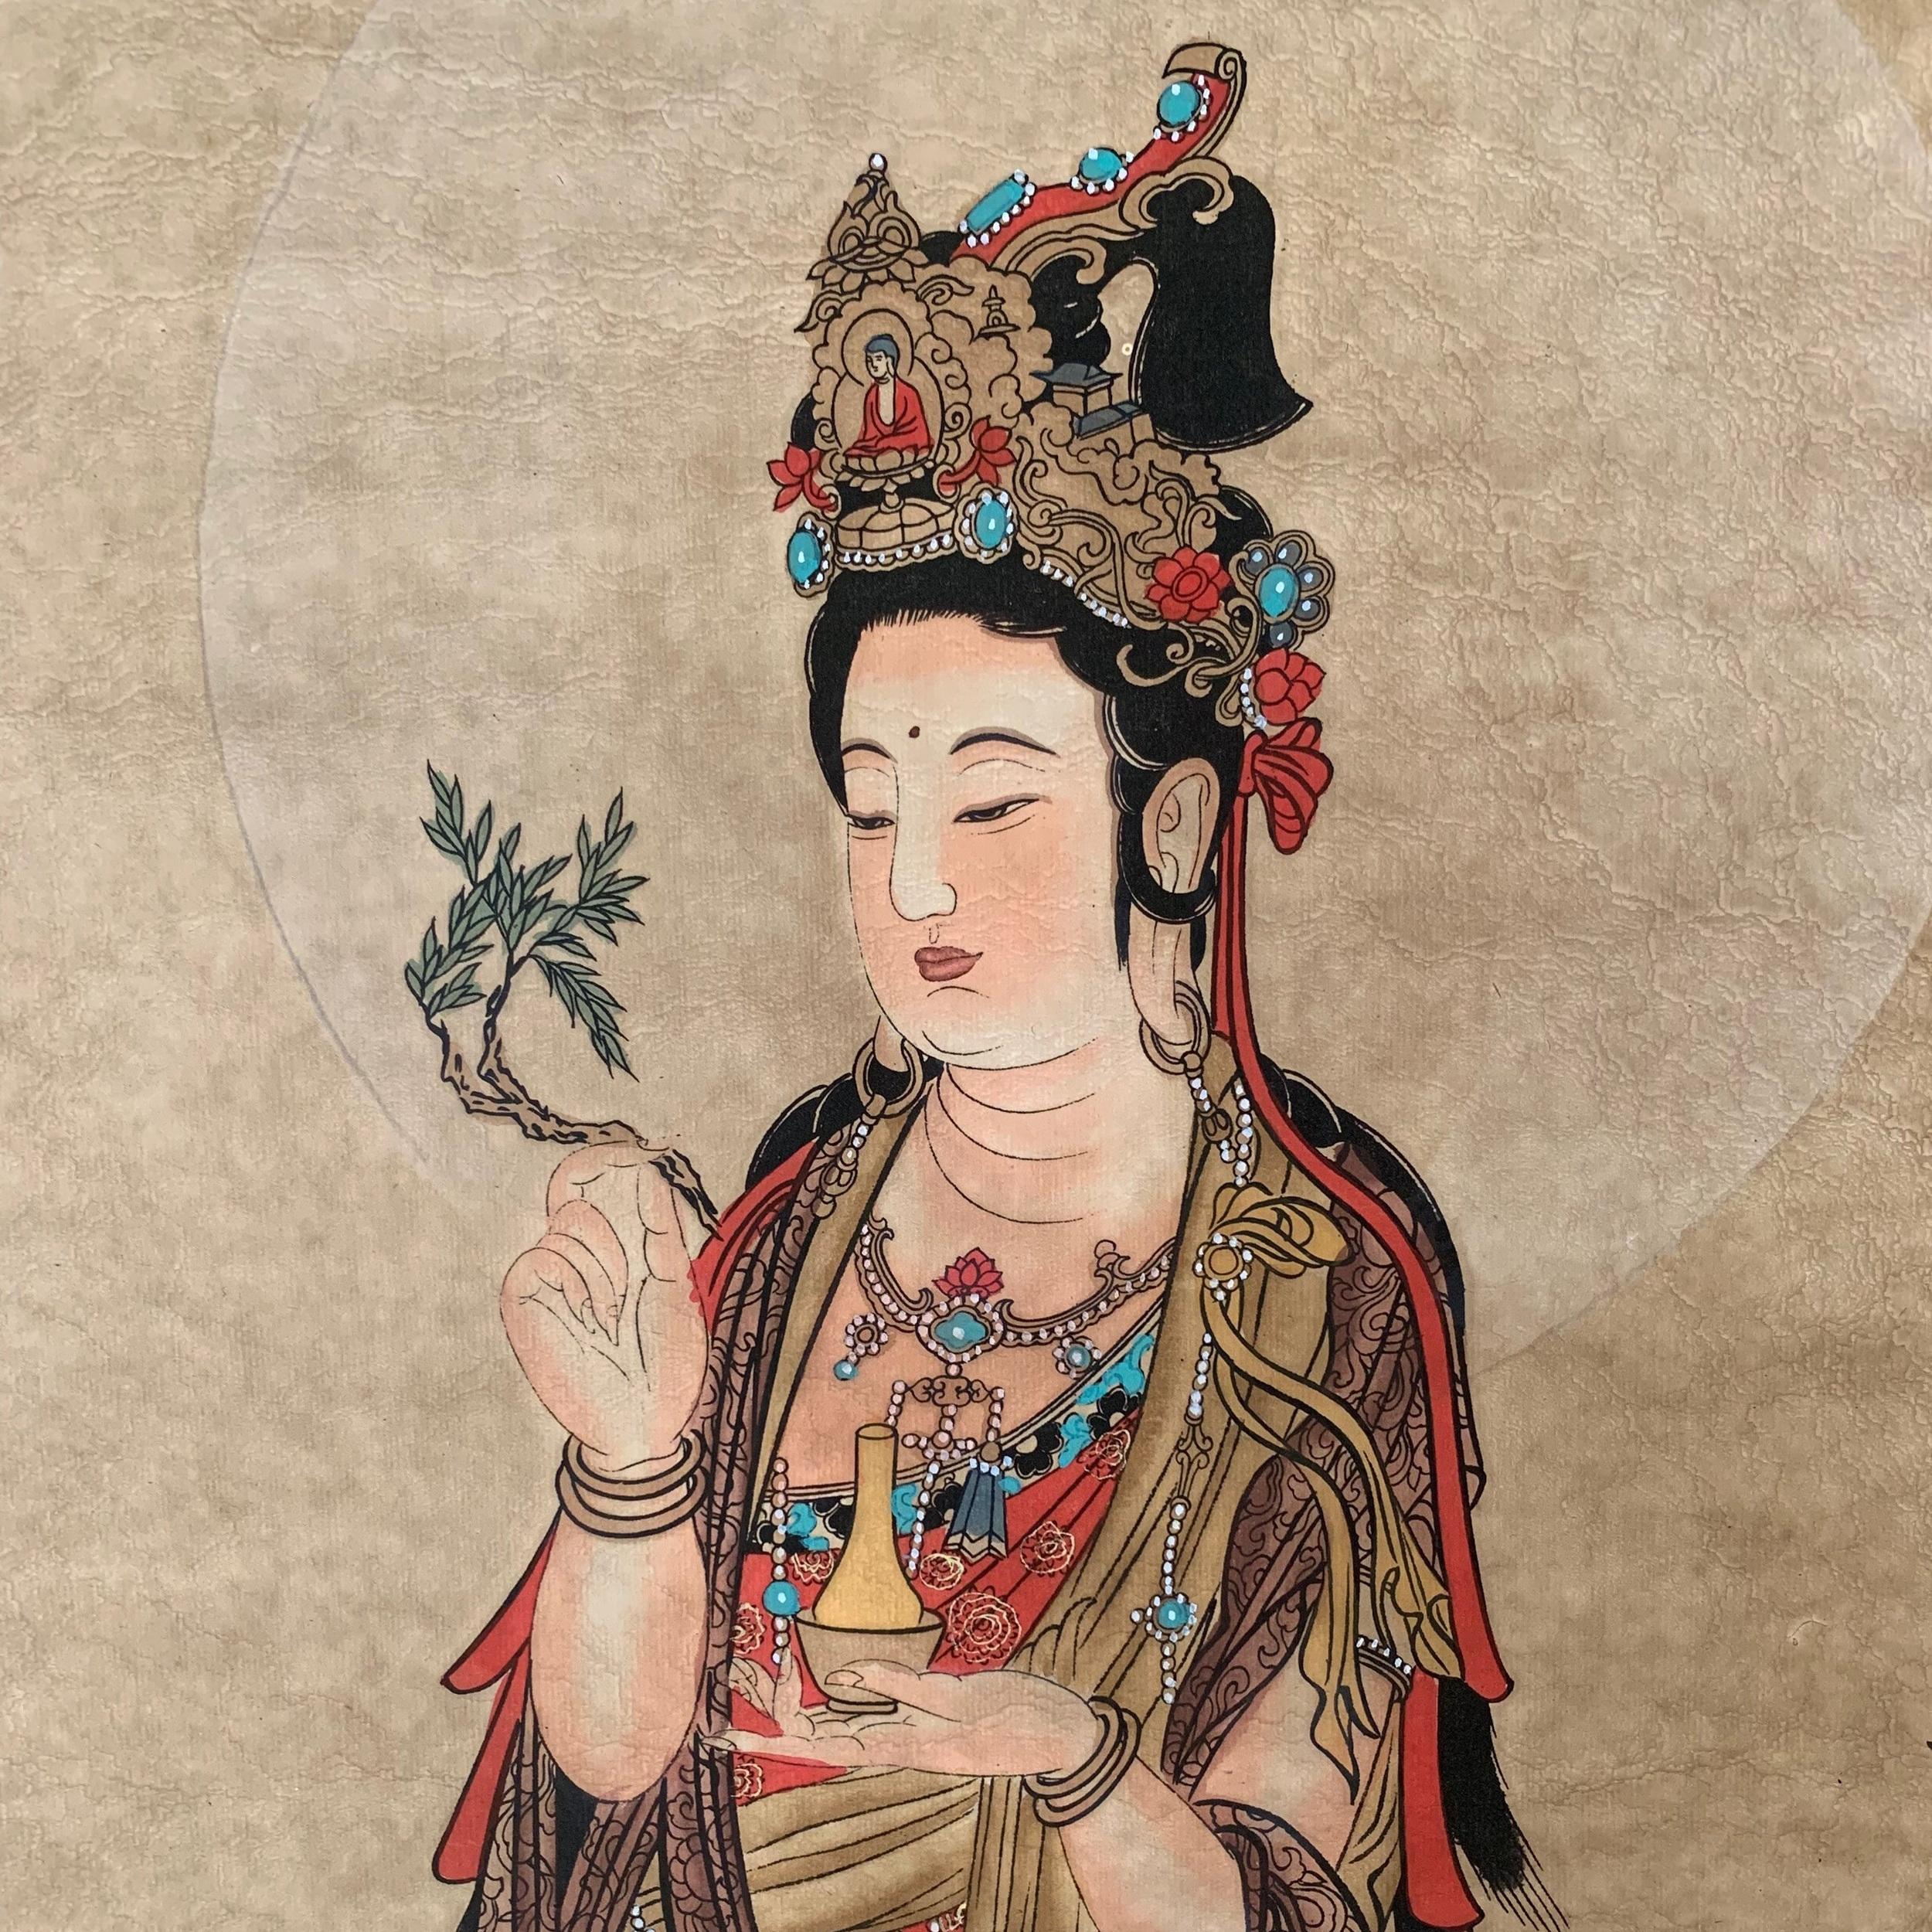 Kuan Yin Workshop 26. und 27. Oktober - IN BREDA - NIEDERLANDEN - Am 26. und 27. Oktober tauchen wir in die weibliche Kraft: Fluss, Dehnung, Stabilität und bei sich ankommen stehen hier im Vordergrund.Bleiben Sie informiert: Kontakt